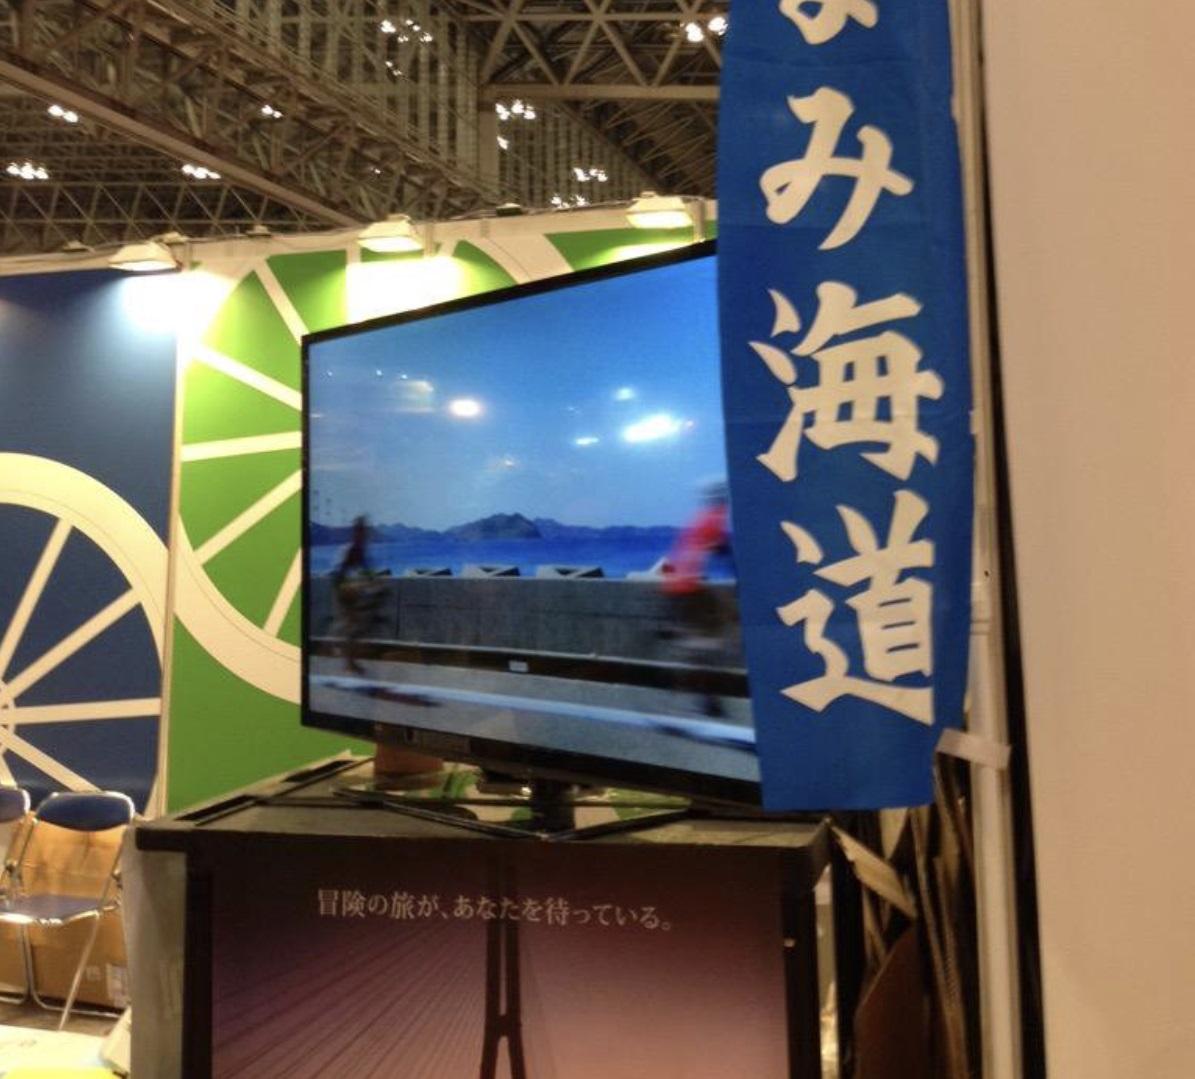 ▲「しまなみ海道自転車道利用促進協議会」は海道でのサイクリングの魅力をPRした